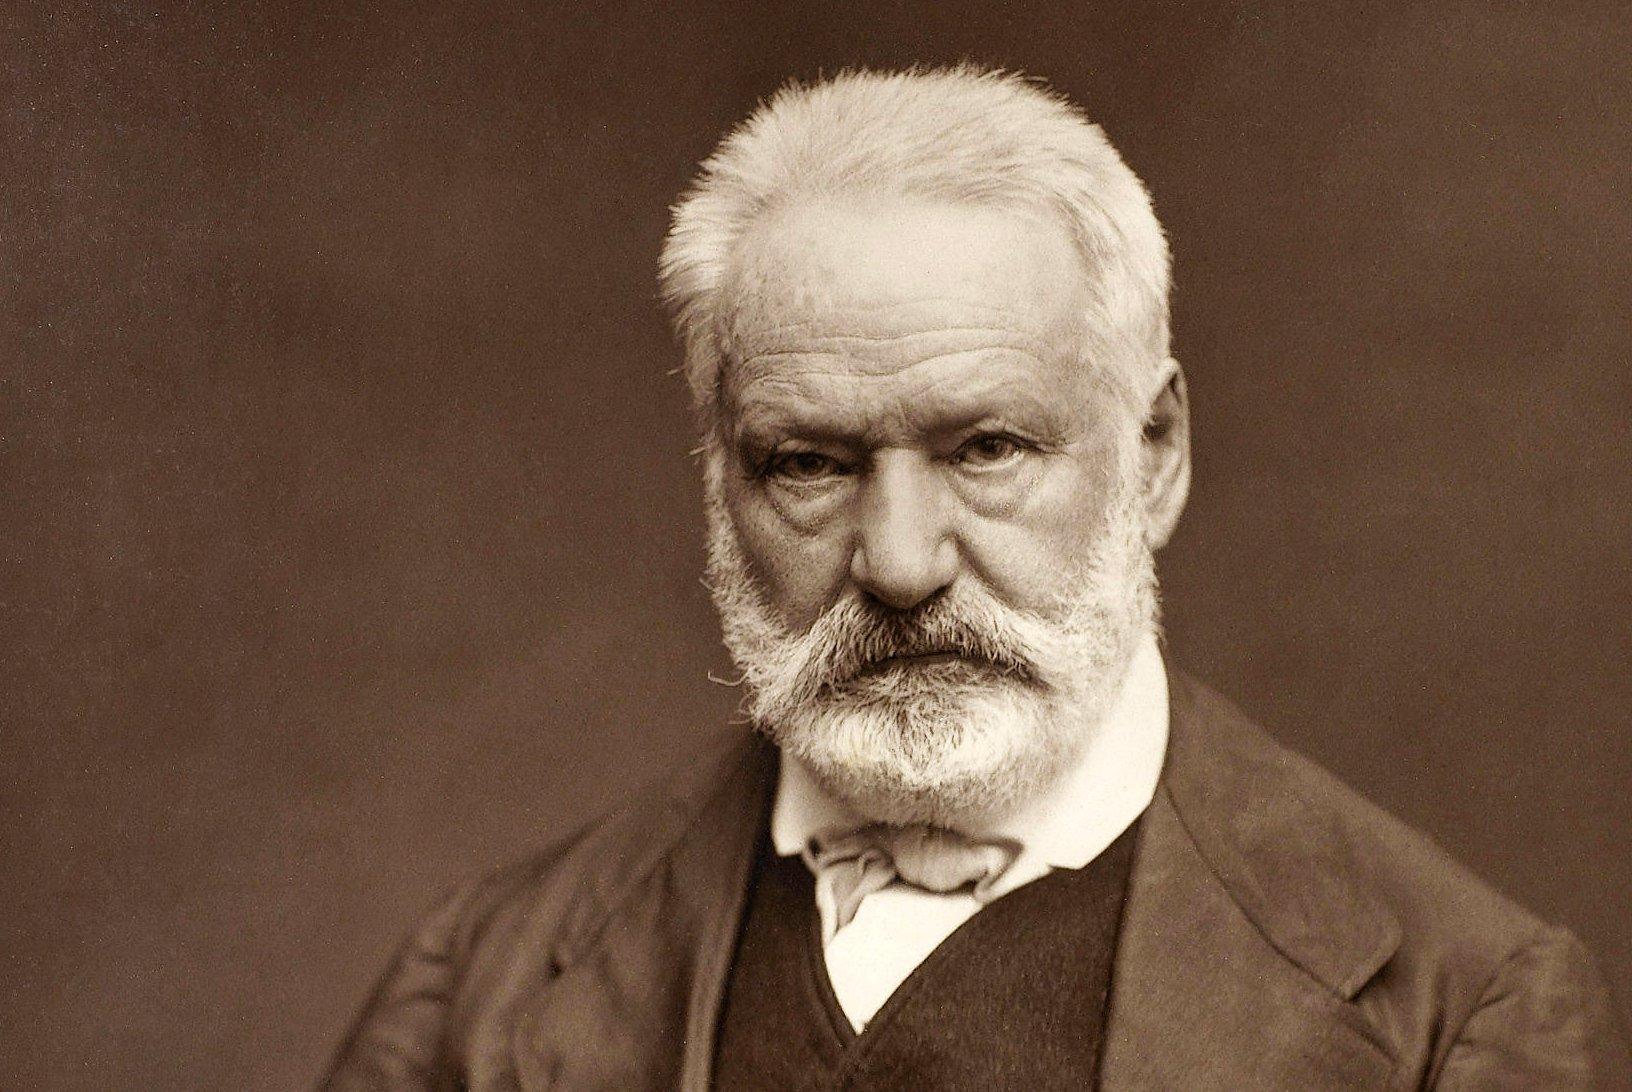 Sefiller adlı romanıyla dünya çapında ün kazanan eleştirel gerçekçilik akımının öncülerinden Fransız yazar Victor Hugo. tarihte bugün